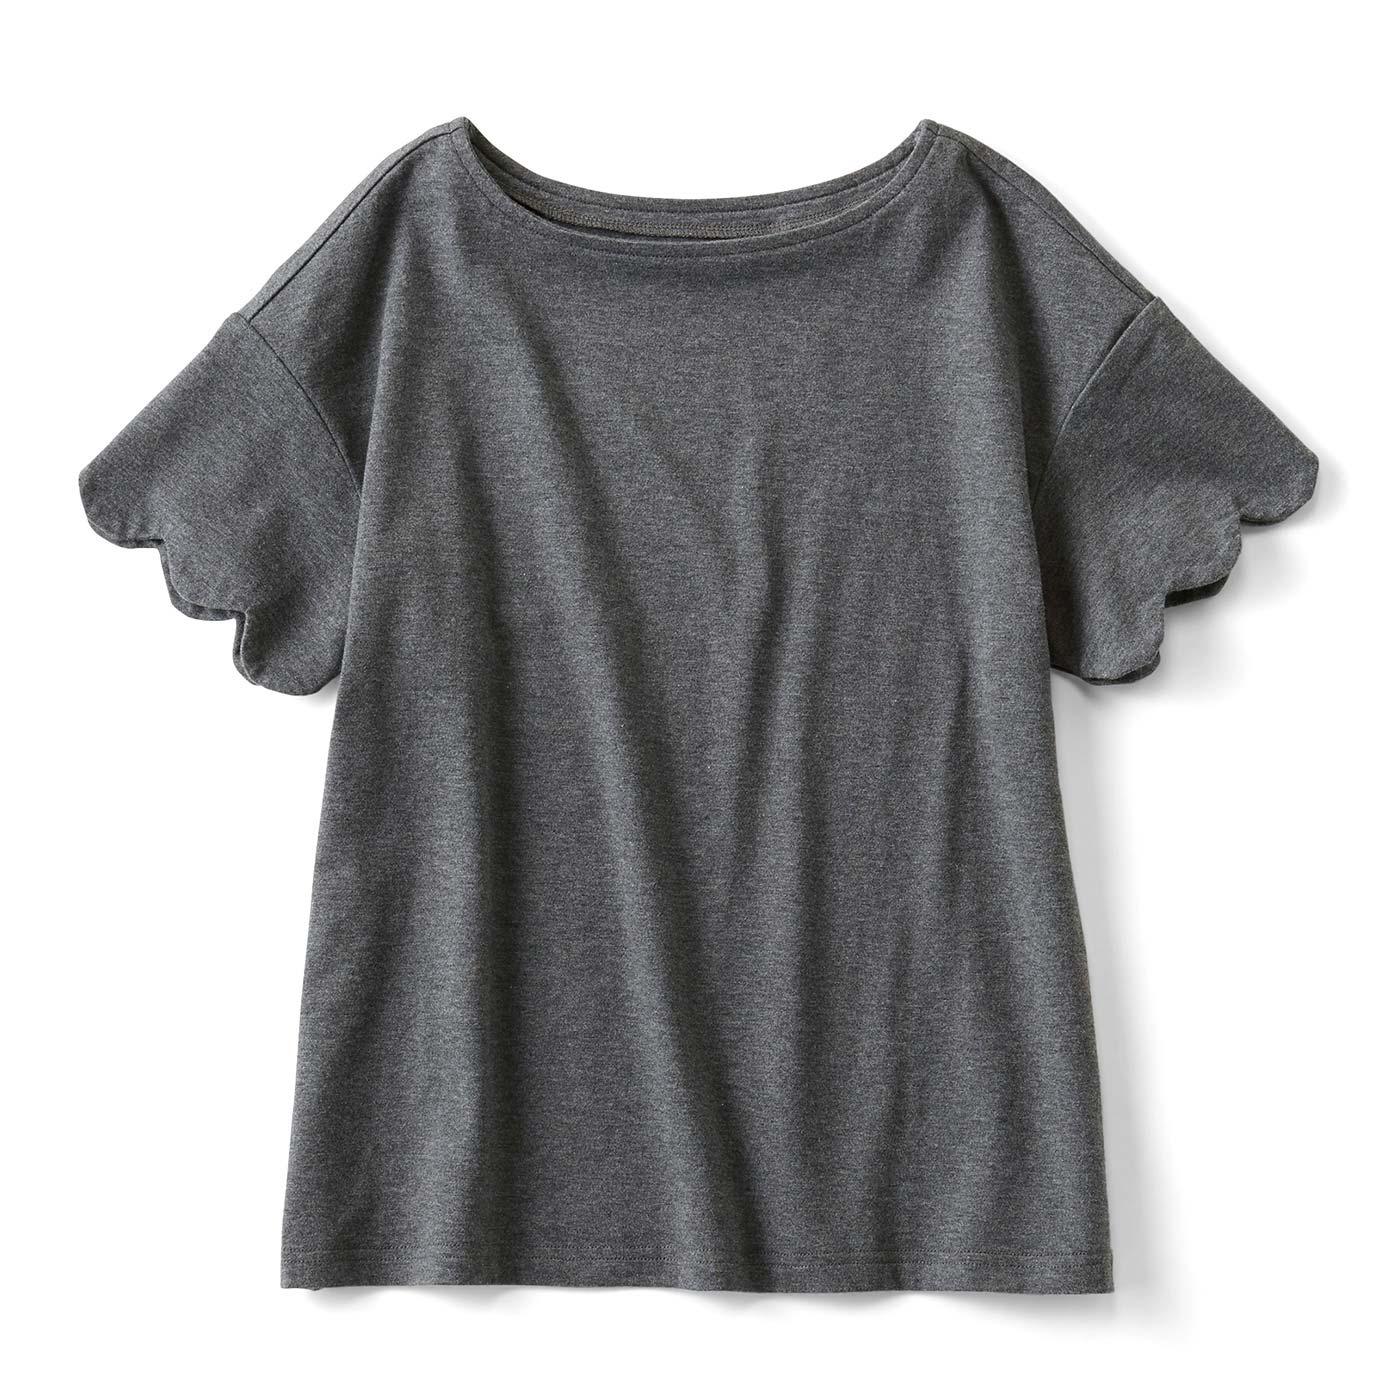 スカラップがほどよくガーリーな吸水速乾Tシャツ〈チャコールグレー〉